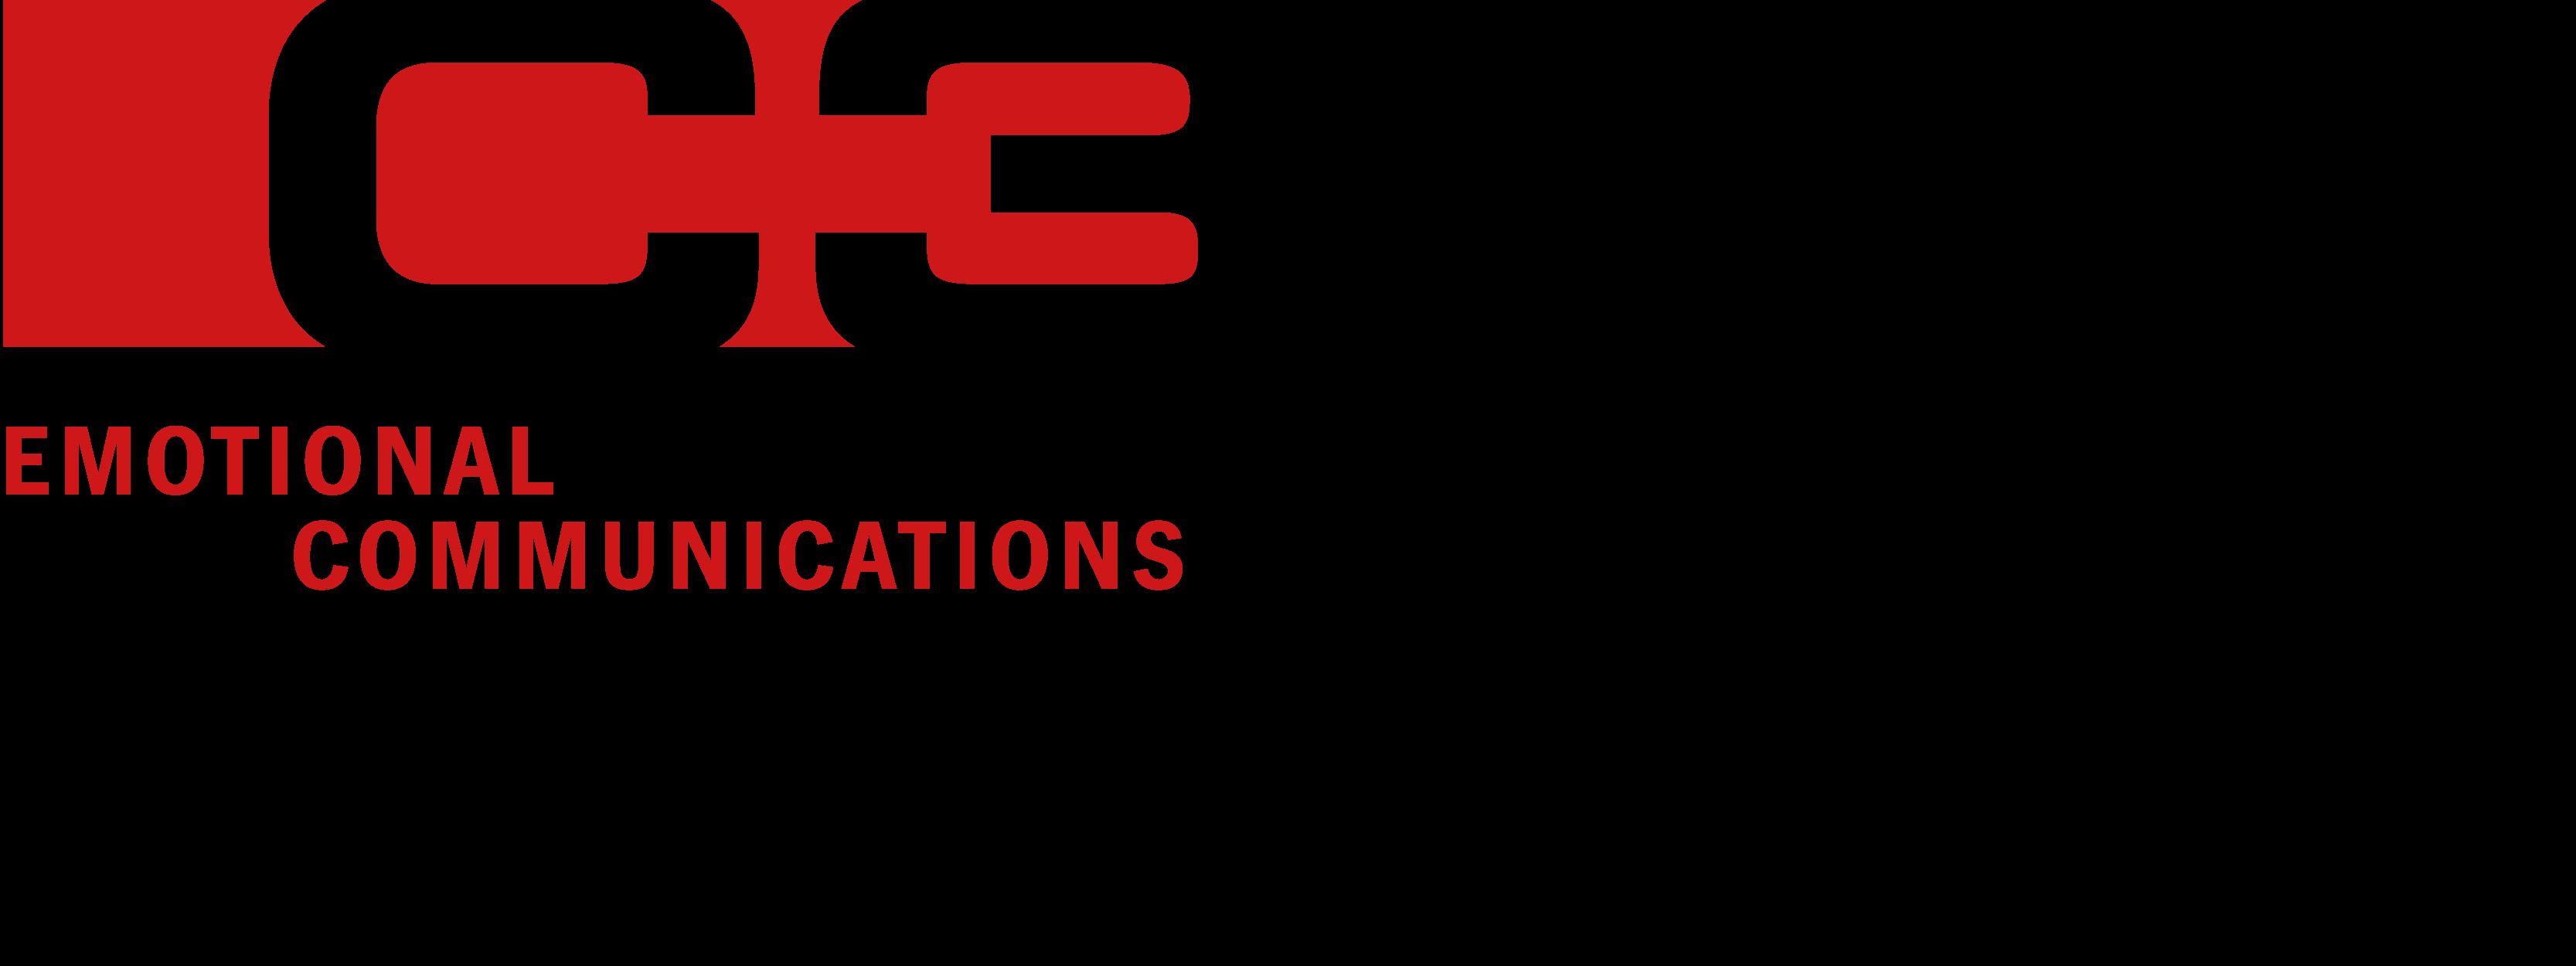 C3 CARPE CONNECT COMMUNICATIONS